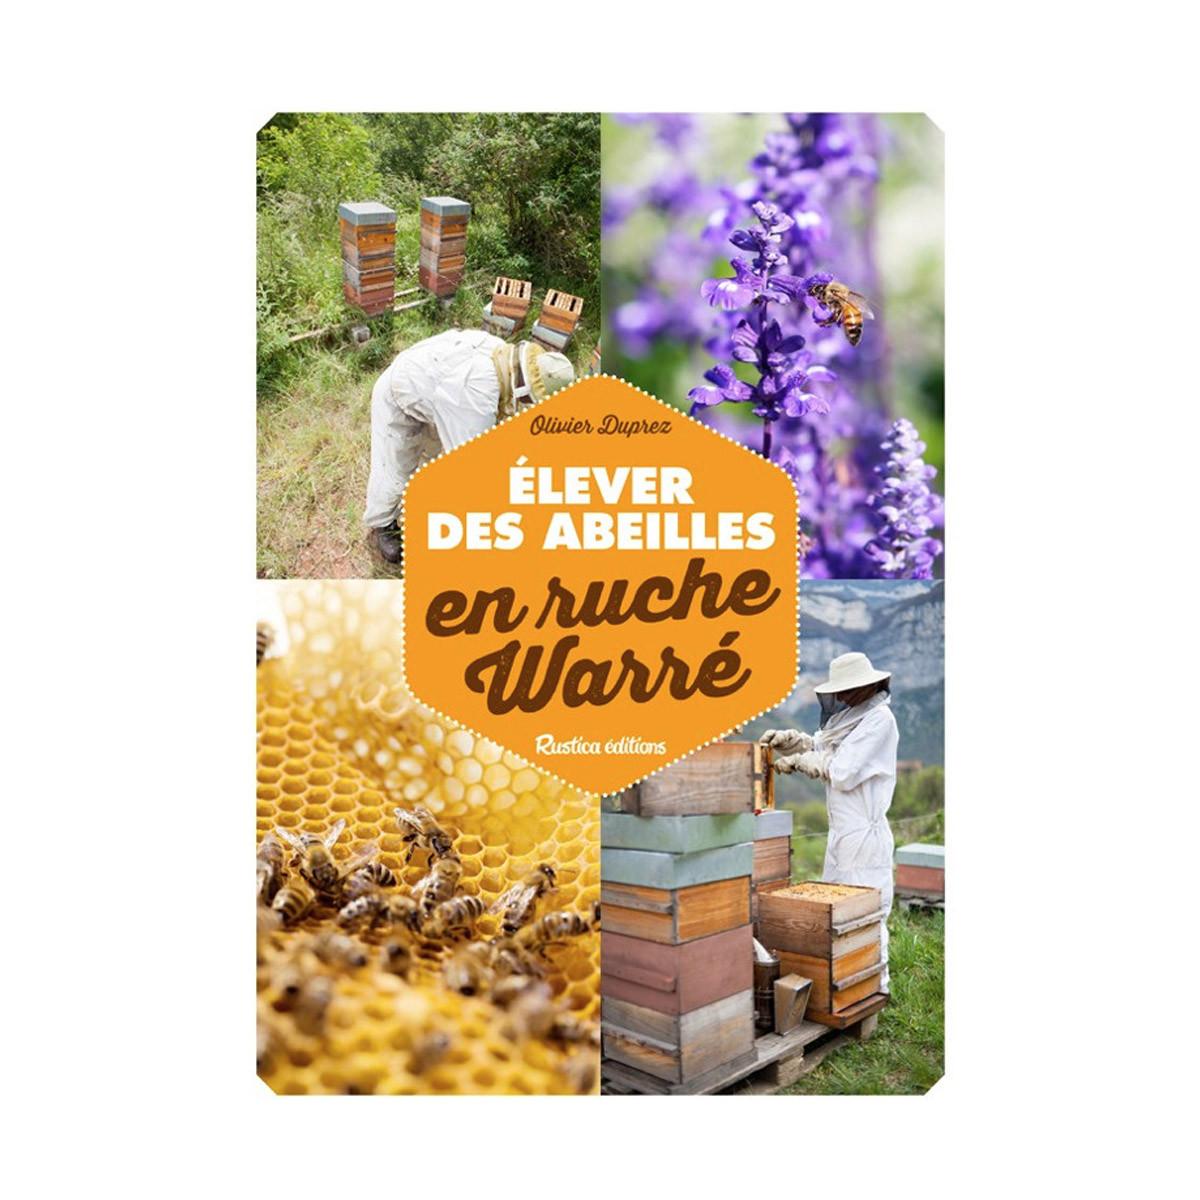 Elever des abeilles en...